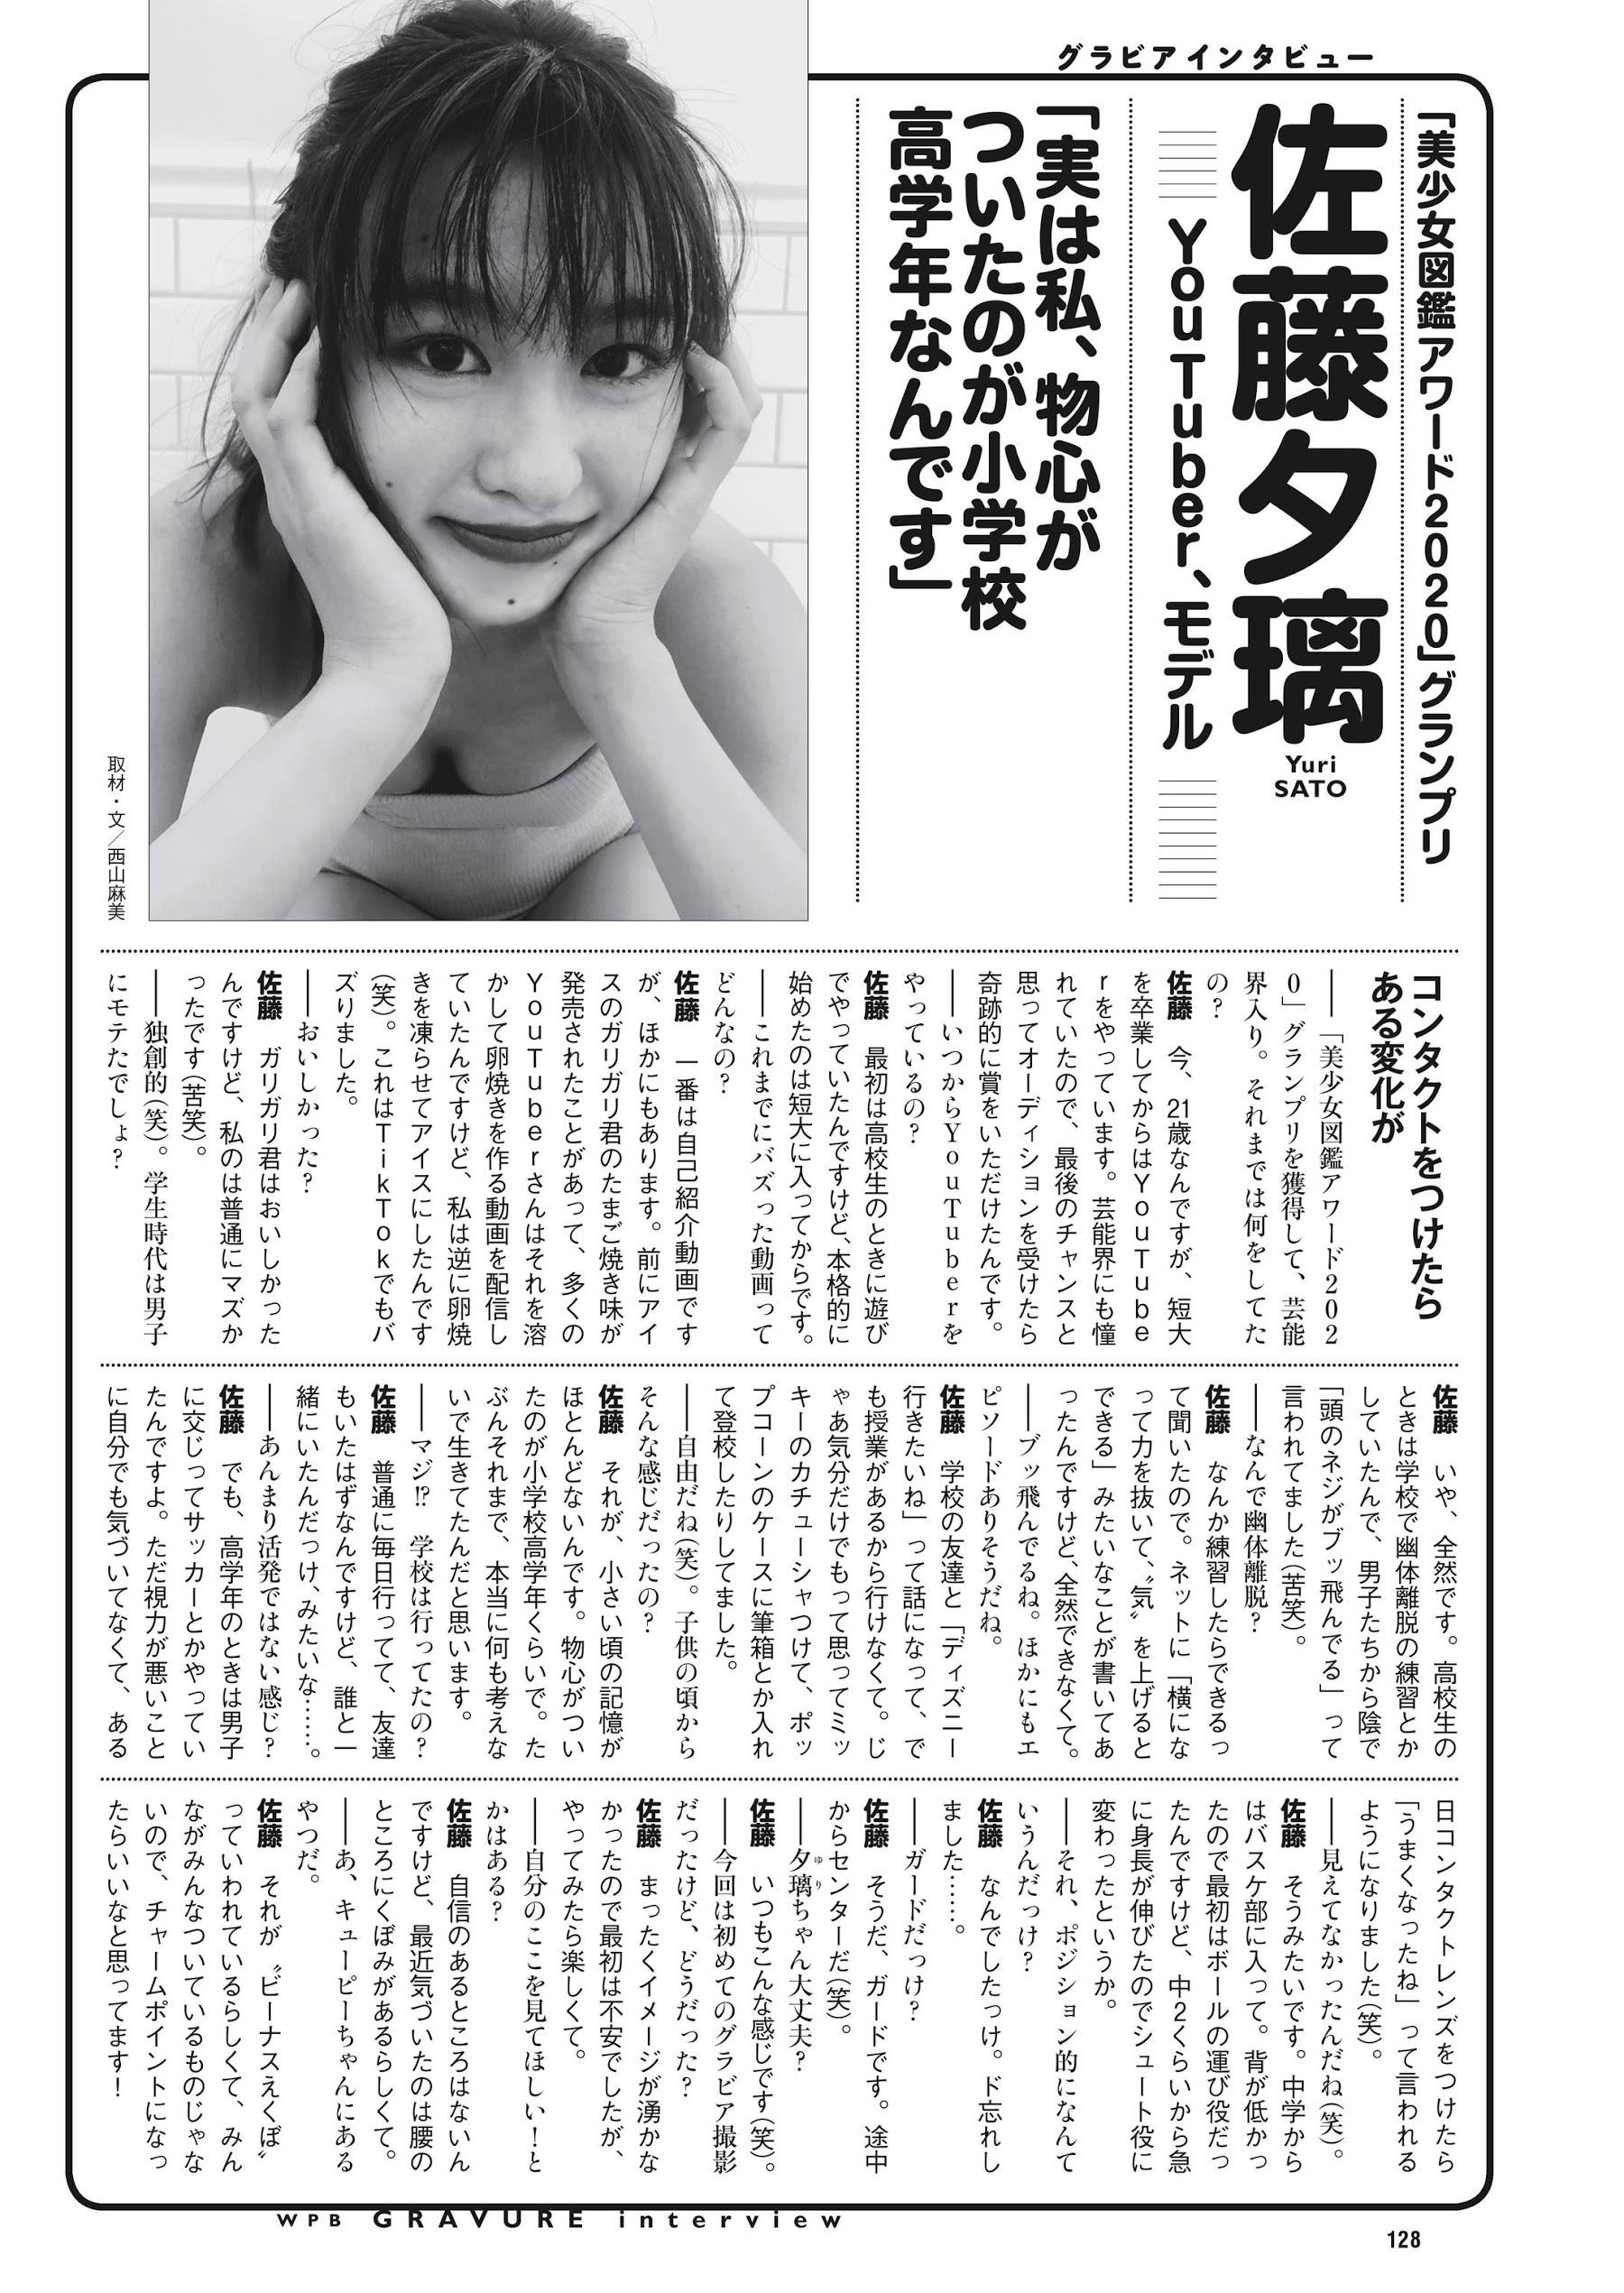 佐藤夕璃6